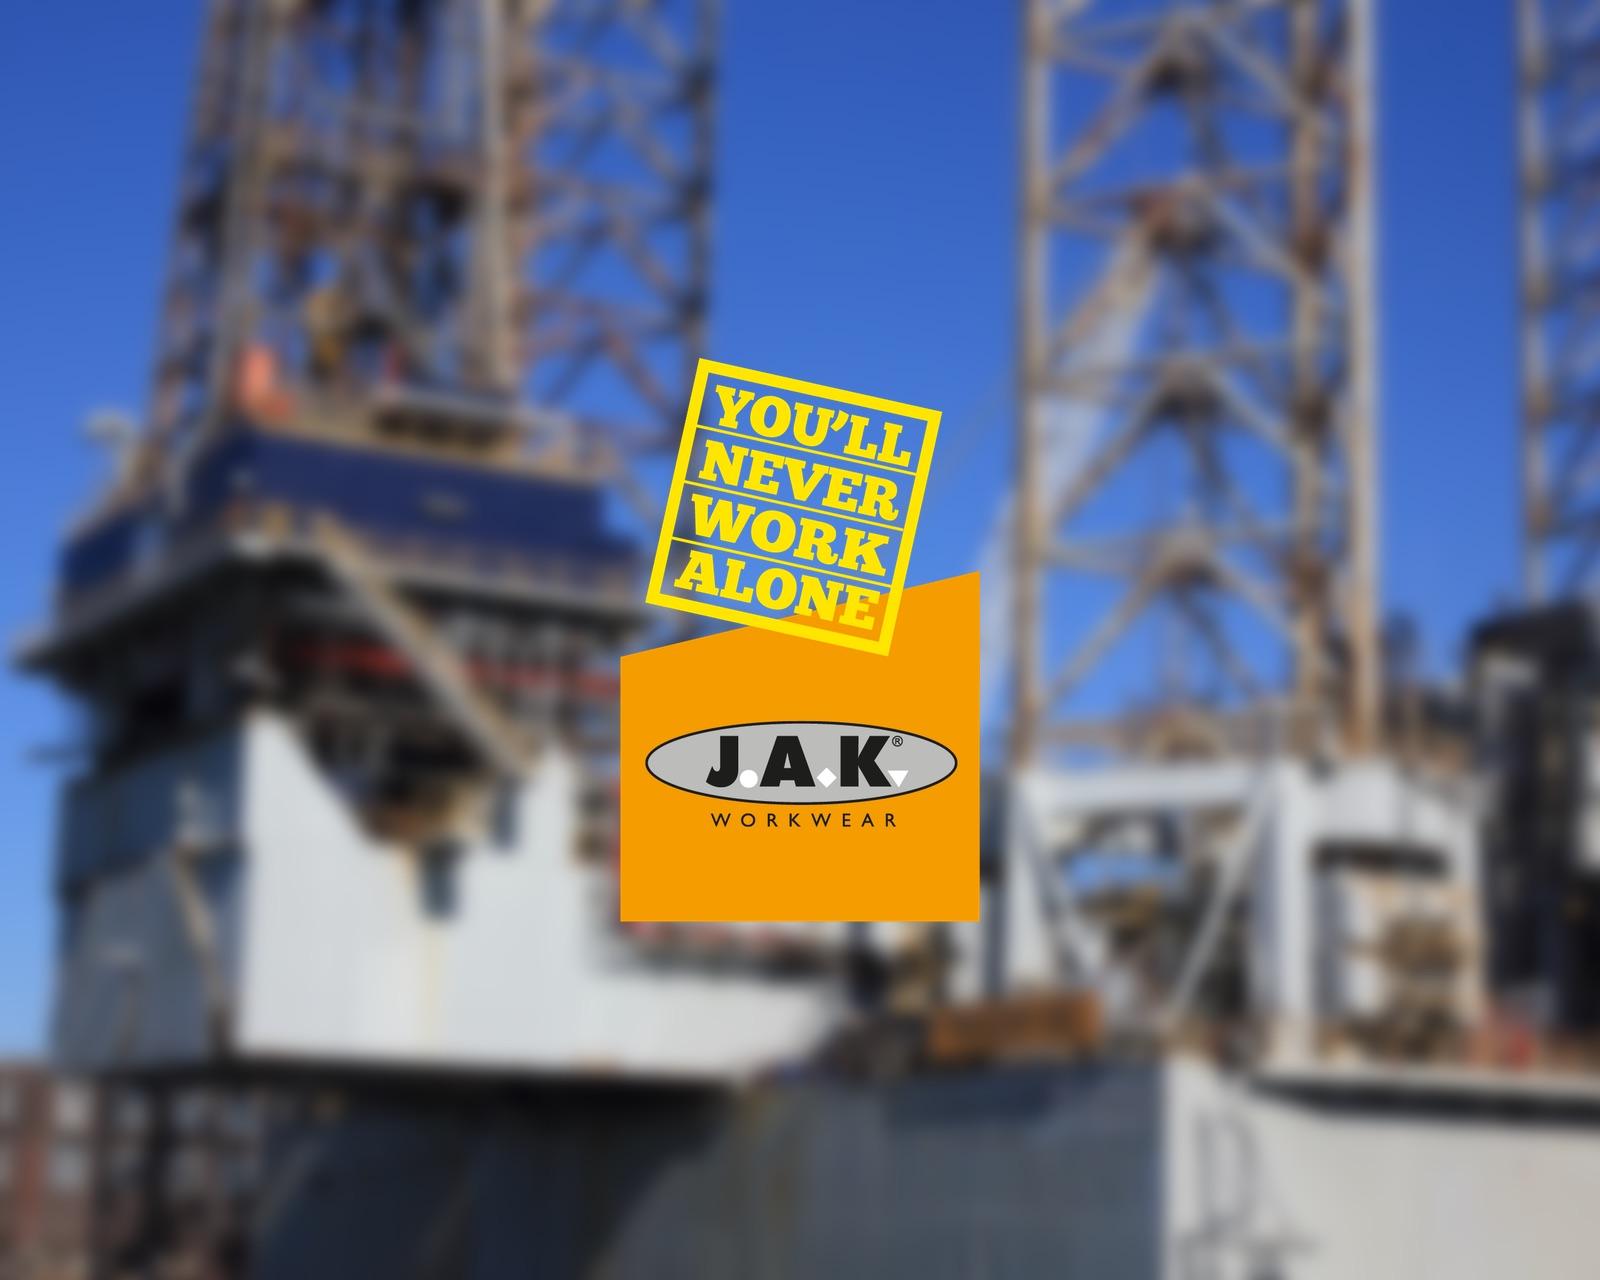 Case - J.A.K. Workwear